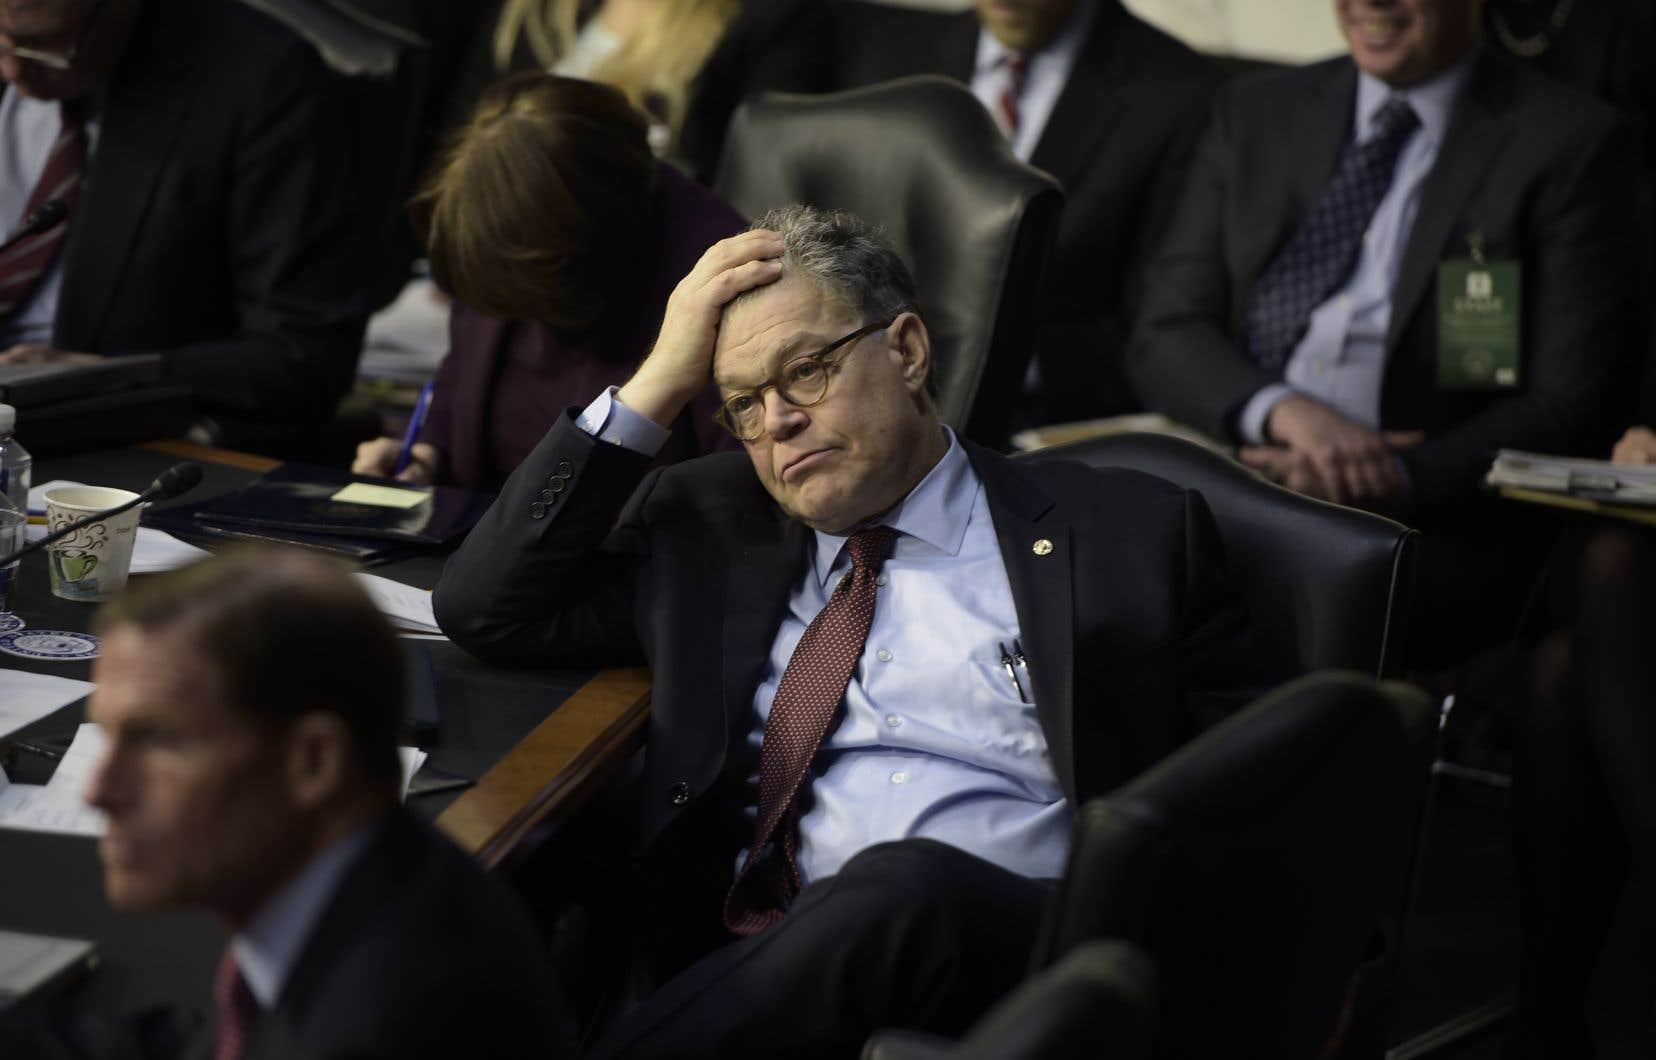 Cette semaine, le sénateur démocrate Al Franken s'est excusé pour avoir embrassé une animatrice en 2006 et touché sa poitrine.